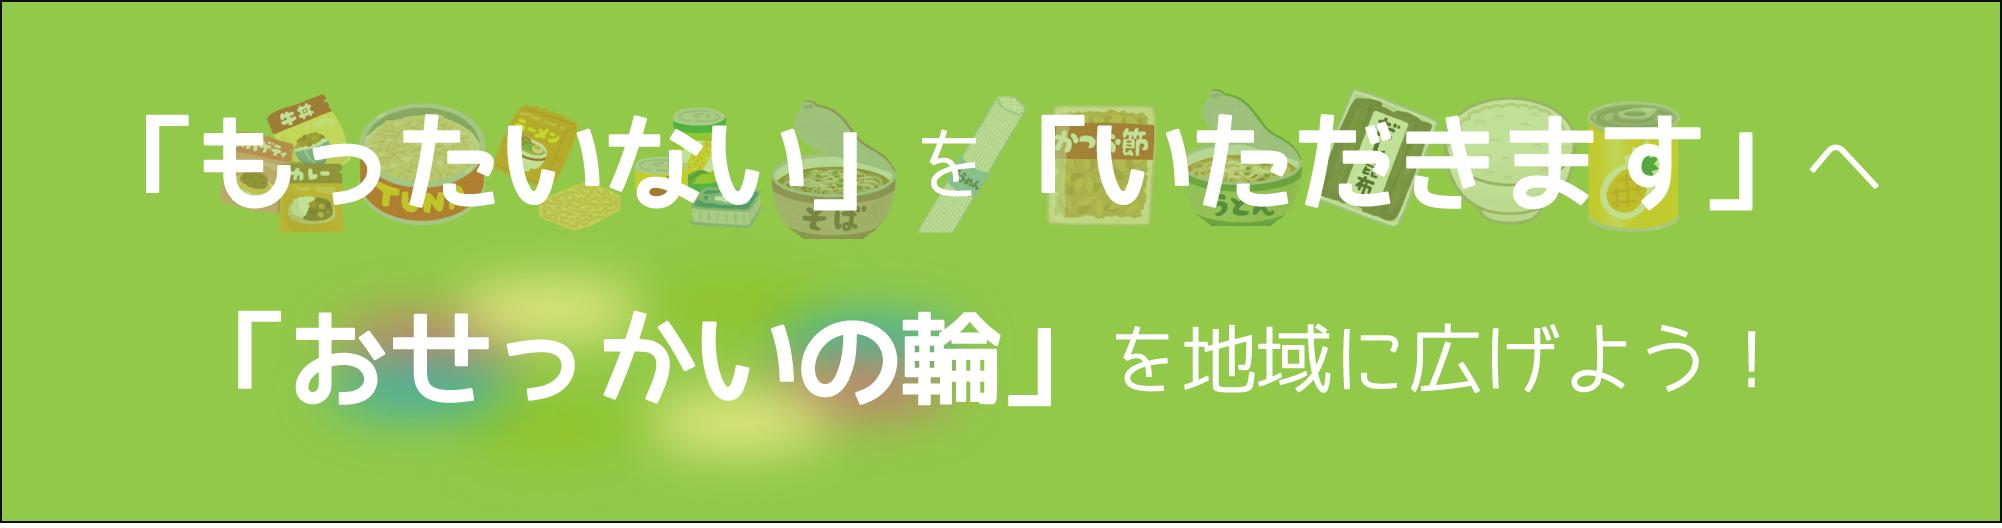 フードバンク狛江 トップページ画像